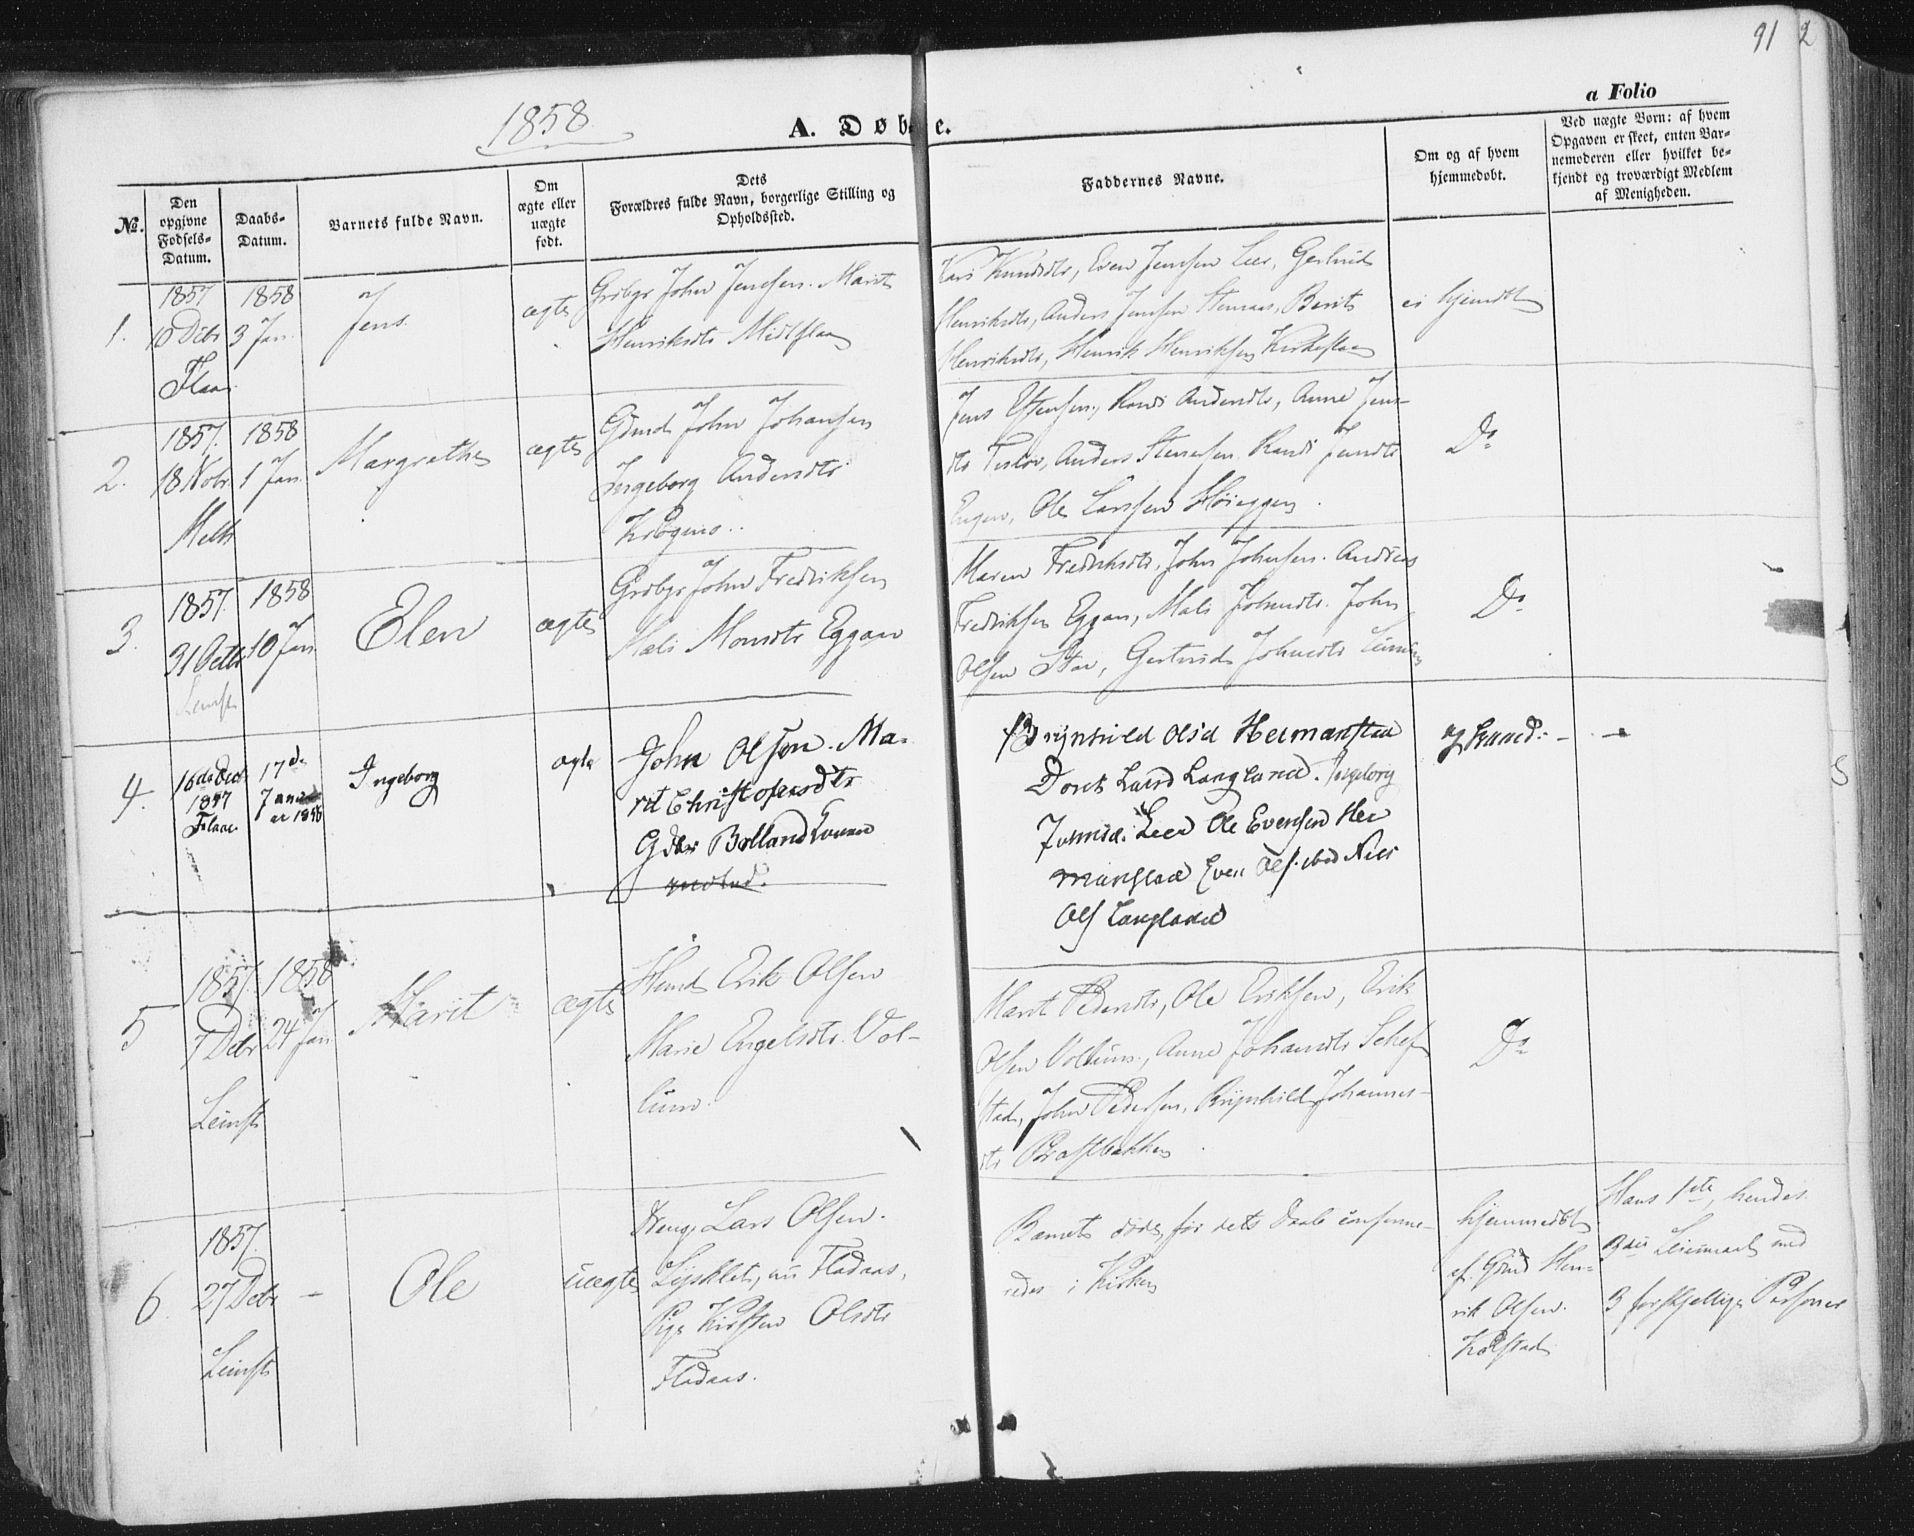 SAT, Ministerialprotokoller, klokkerbøker og fødselsregistre - Sør-Trøndelag, 691/L1076: Ministerialbok nr. 691A08, 1852-1861, s. 91